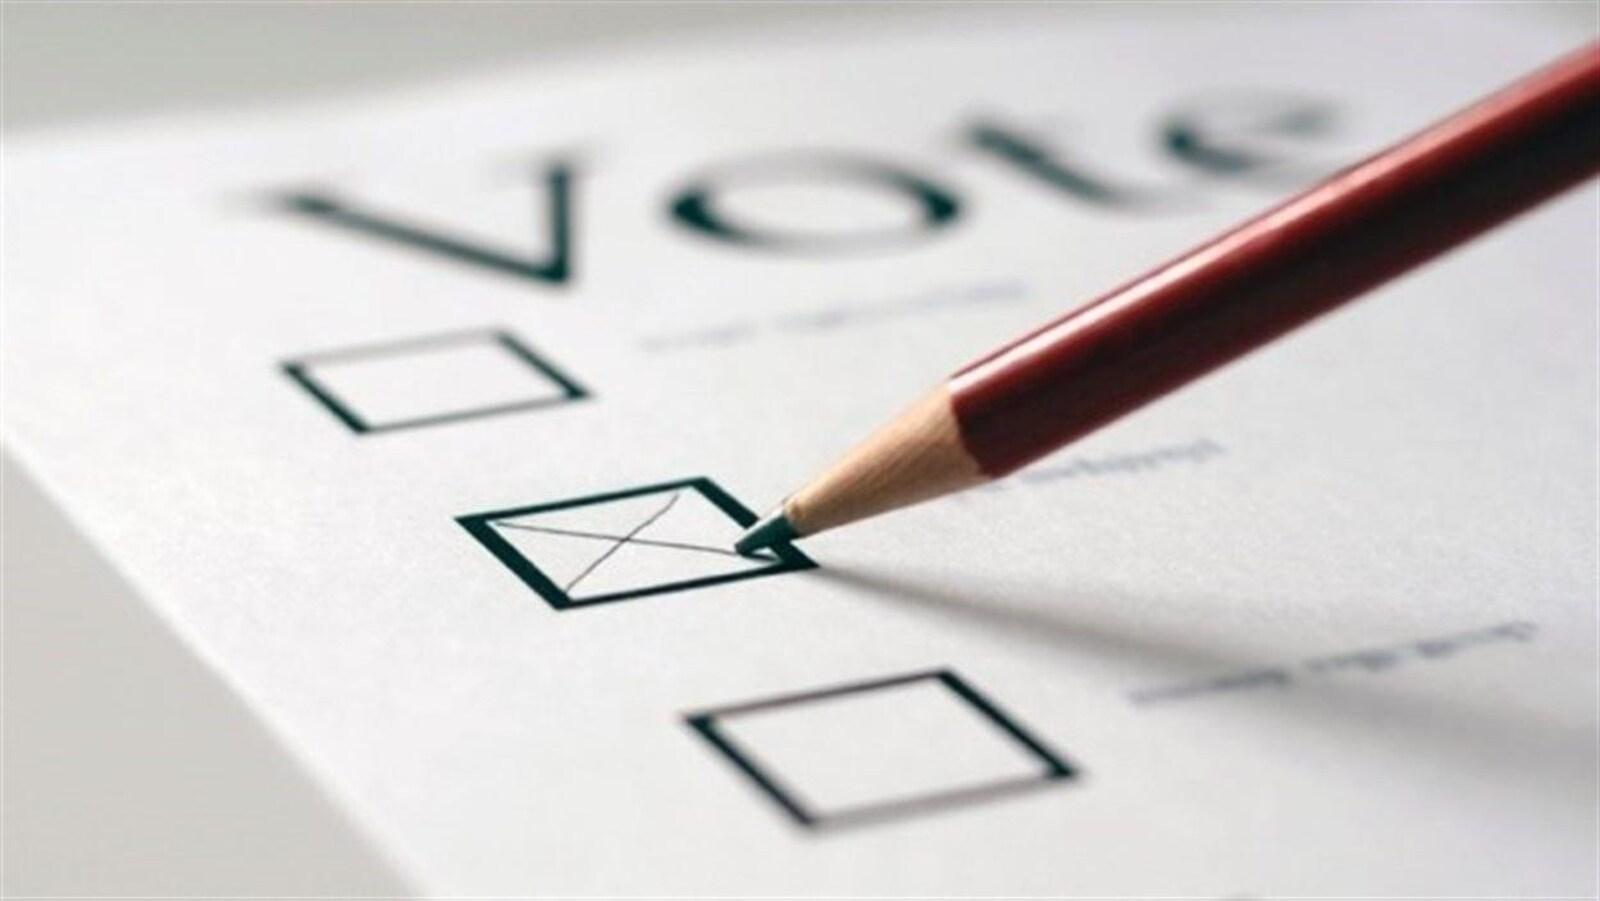 La réforme du mode de scrutin majoritaire uninominal à un tour au Canada fait depuis longtemps l'objet d'un débat.